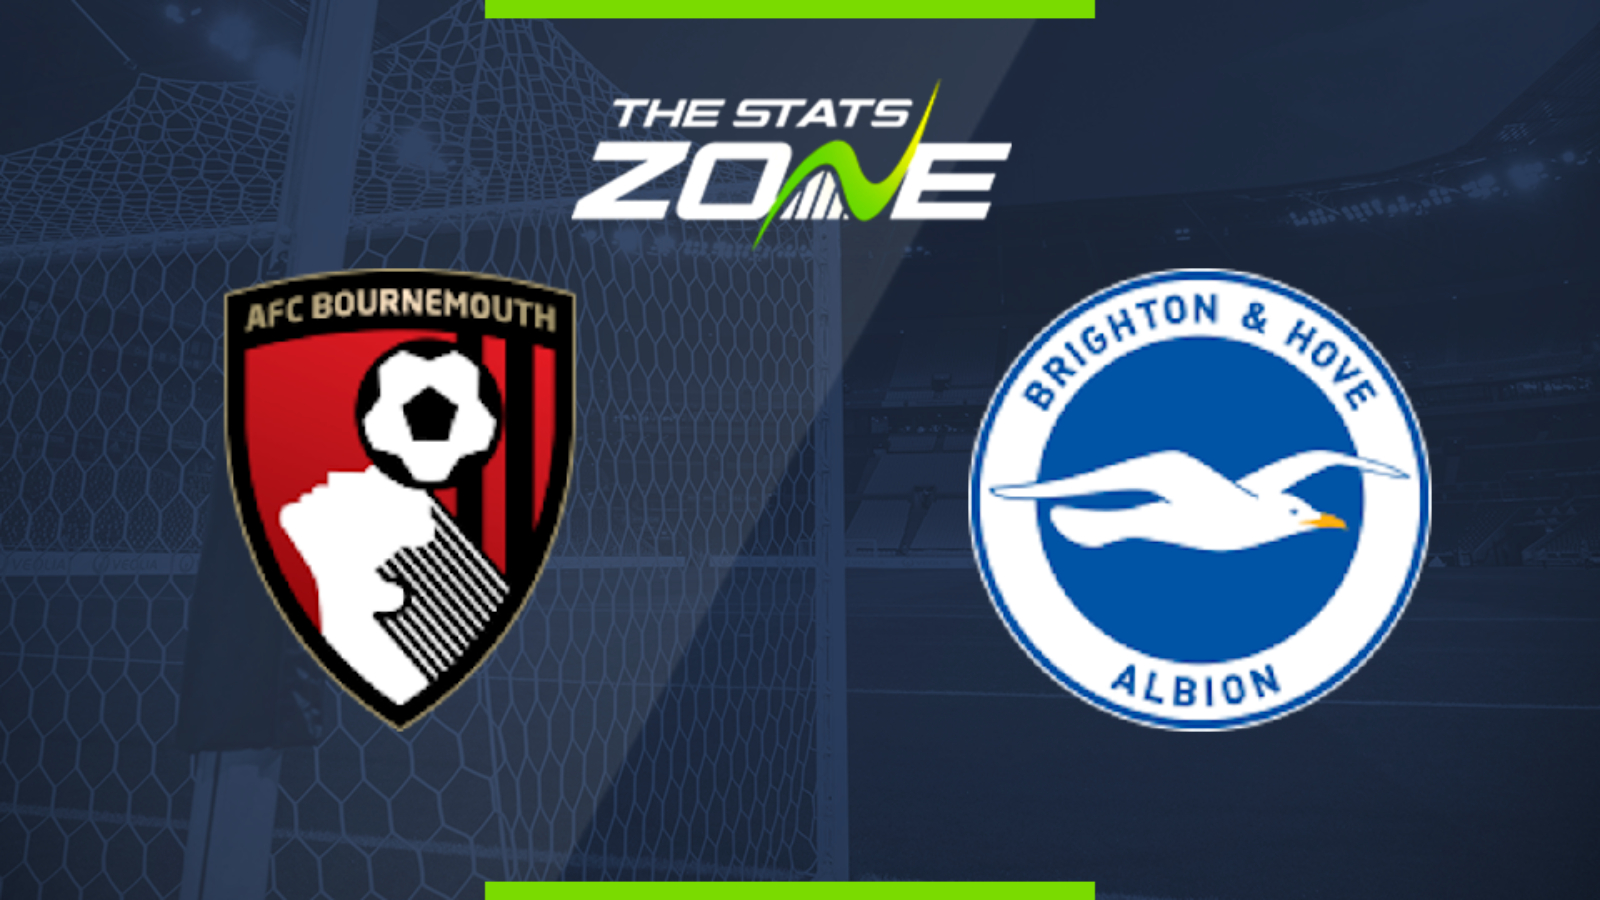 Hugo Lloris Plays - Tottenham Hotspur Team vs Norwich City Confirmed